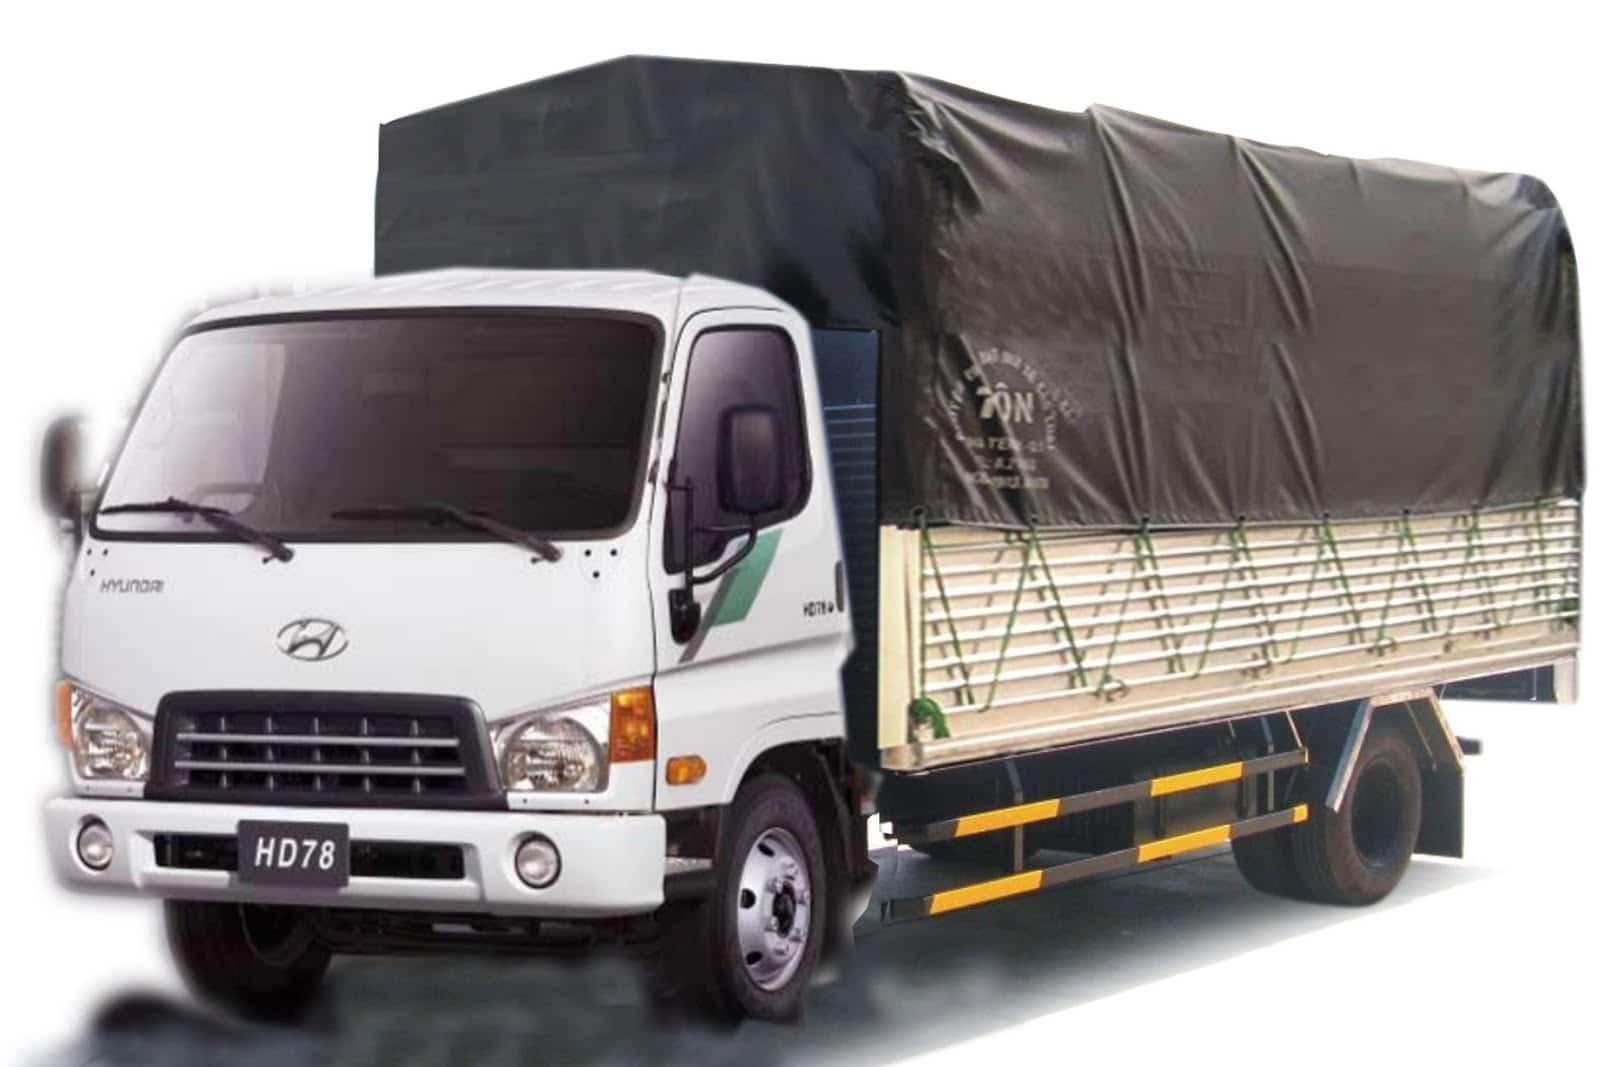 Cho thuê xe tải hiện đại, tiết kiệm chi phí